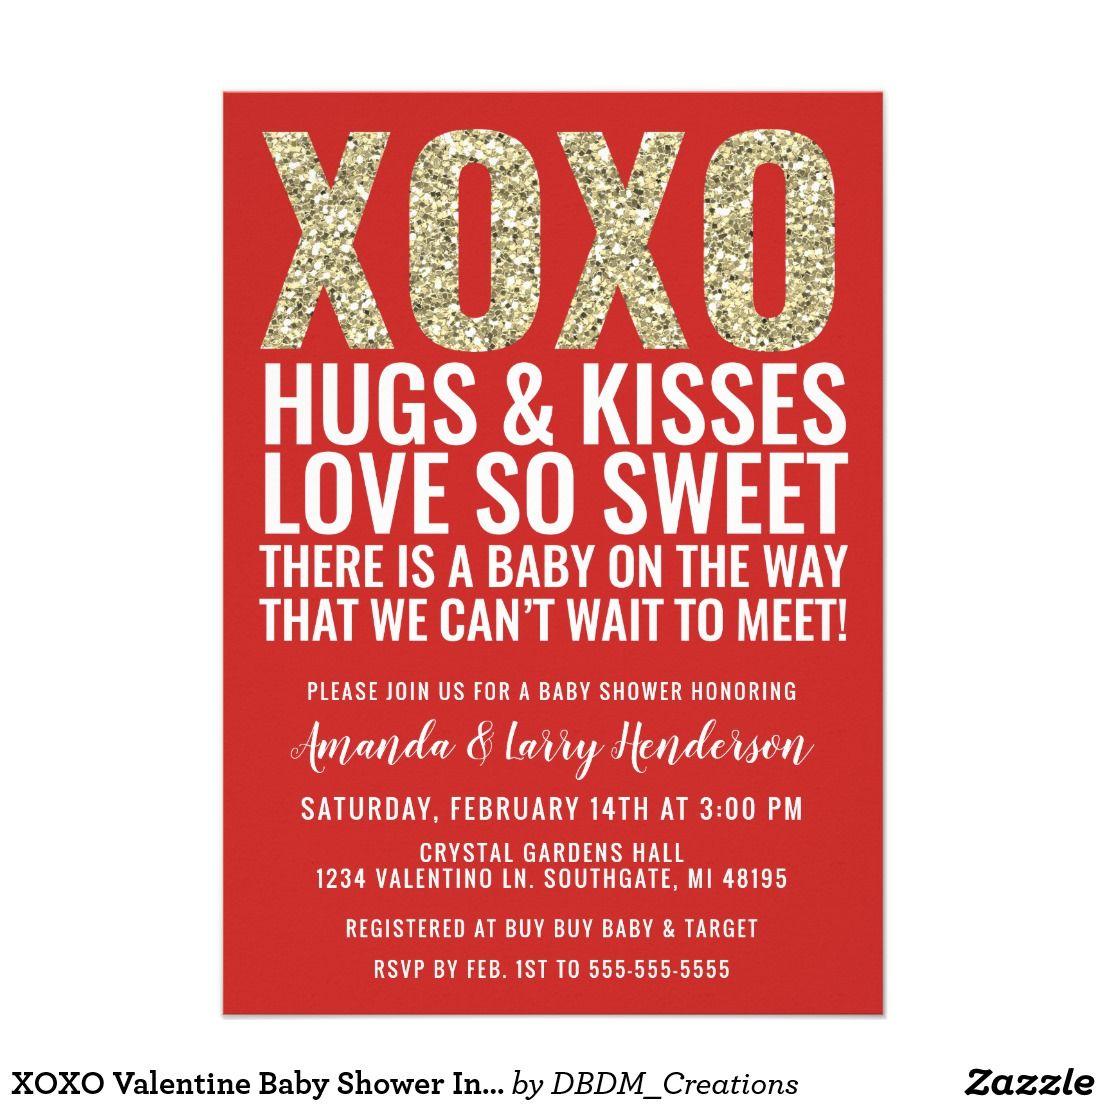 XOXO Valentine Baby Shower Invitation | Shower invitations